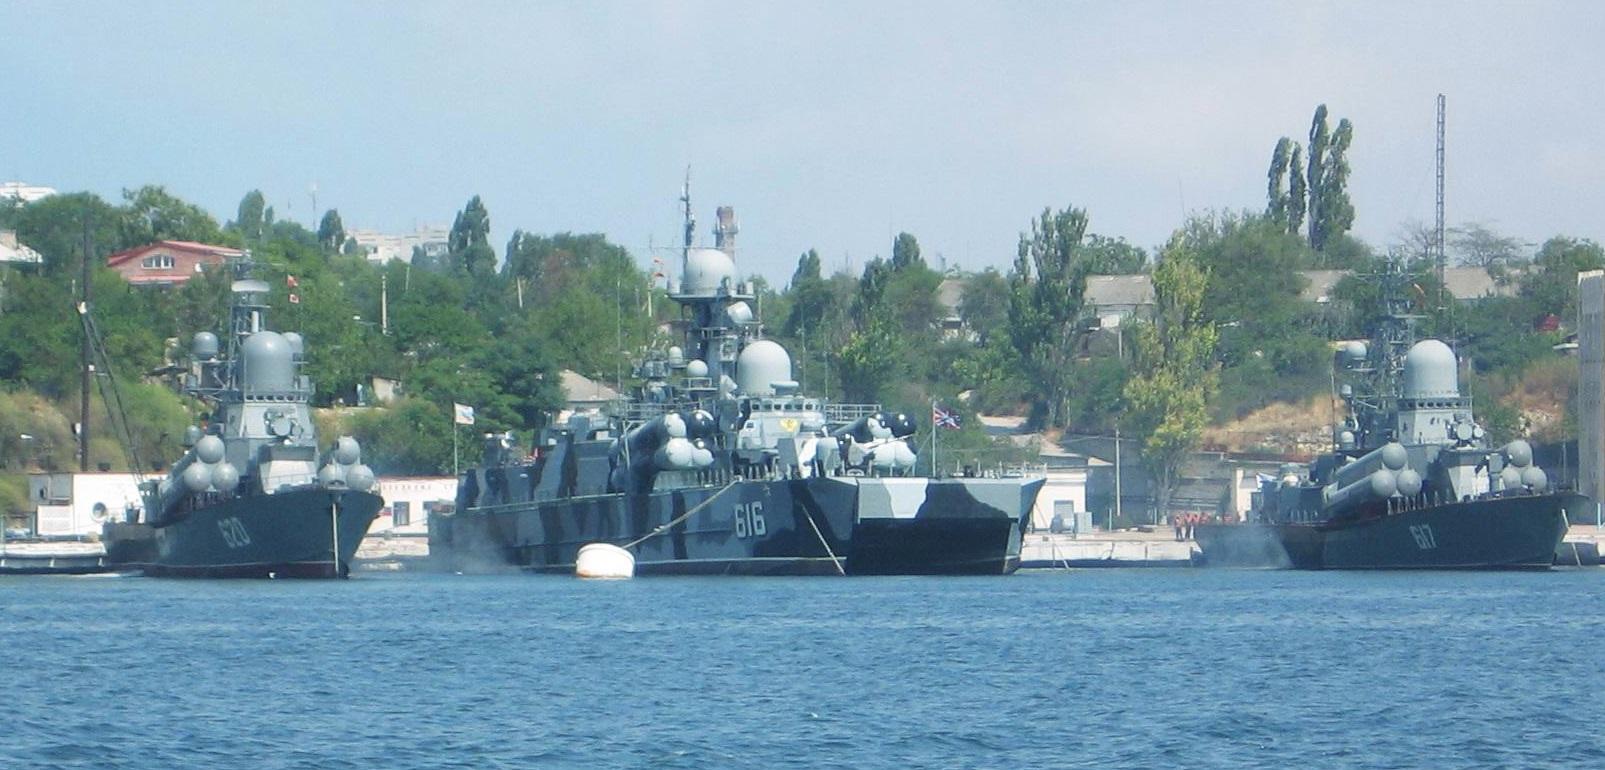 Corvettes lance-missiles dans le port de Sebastopol. La Flotte de la Mer Noire conserve une importance capitale pour Moscou.  (Licence Creative Commons.org)